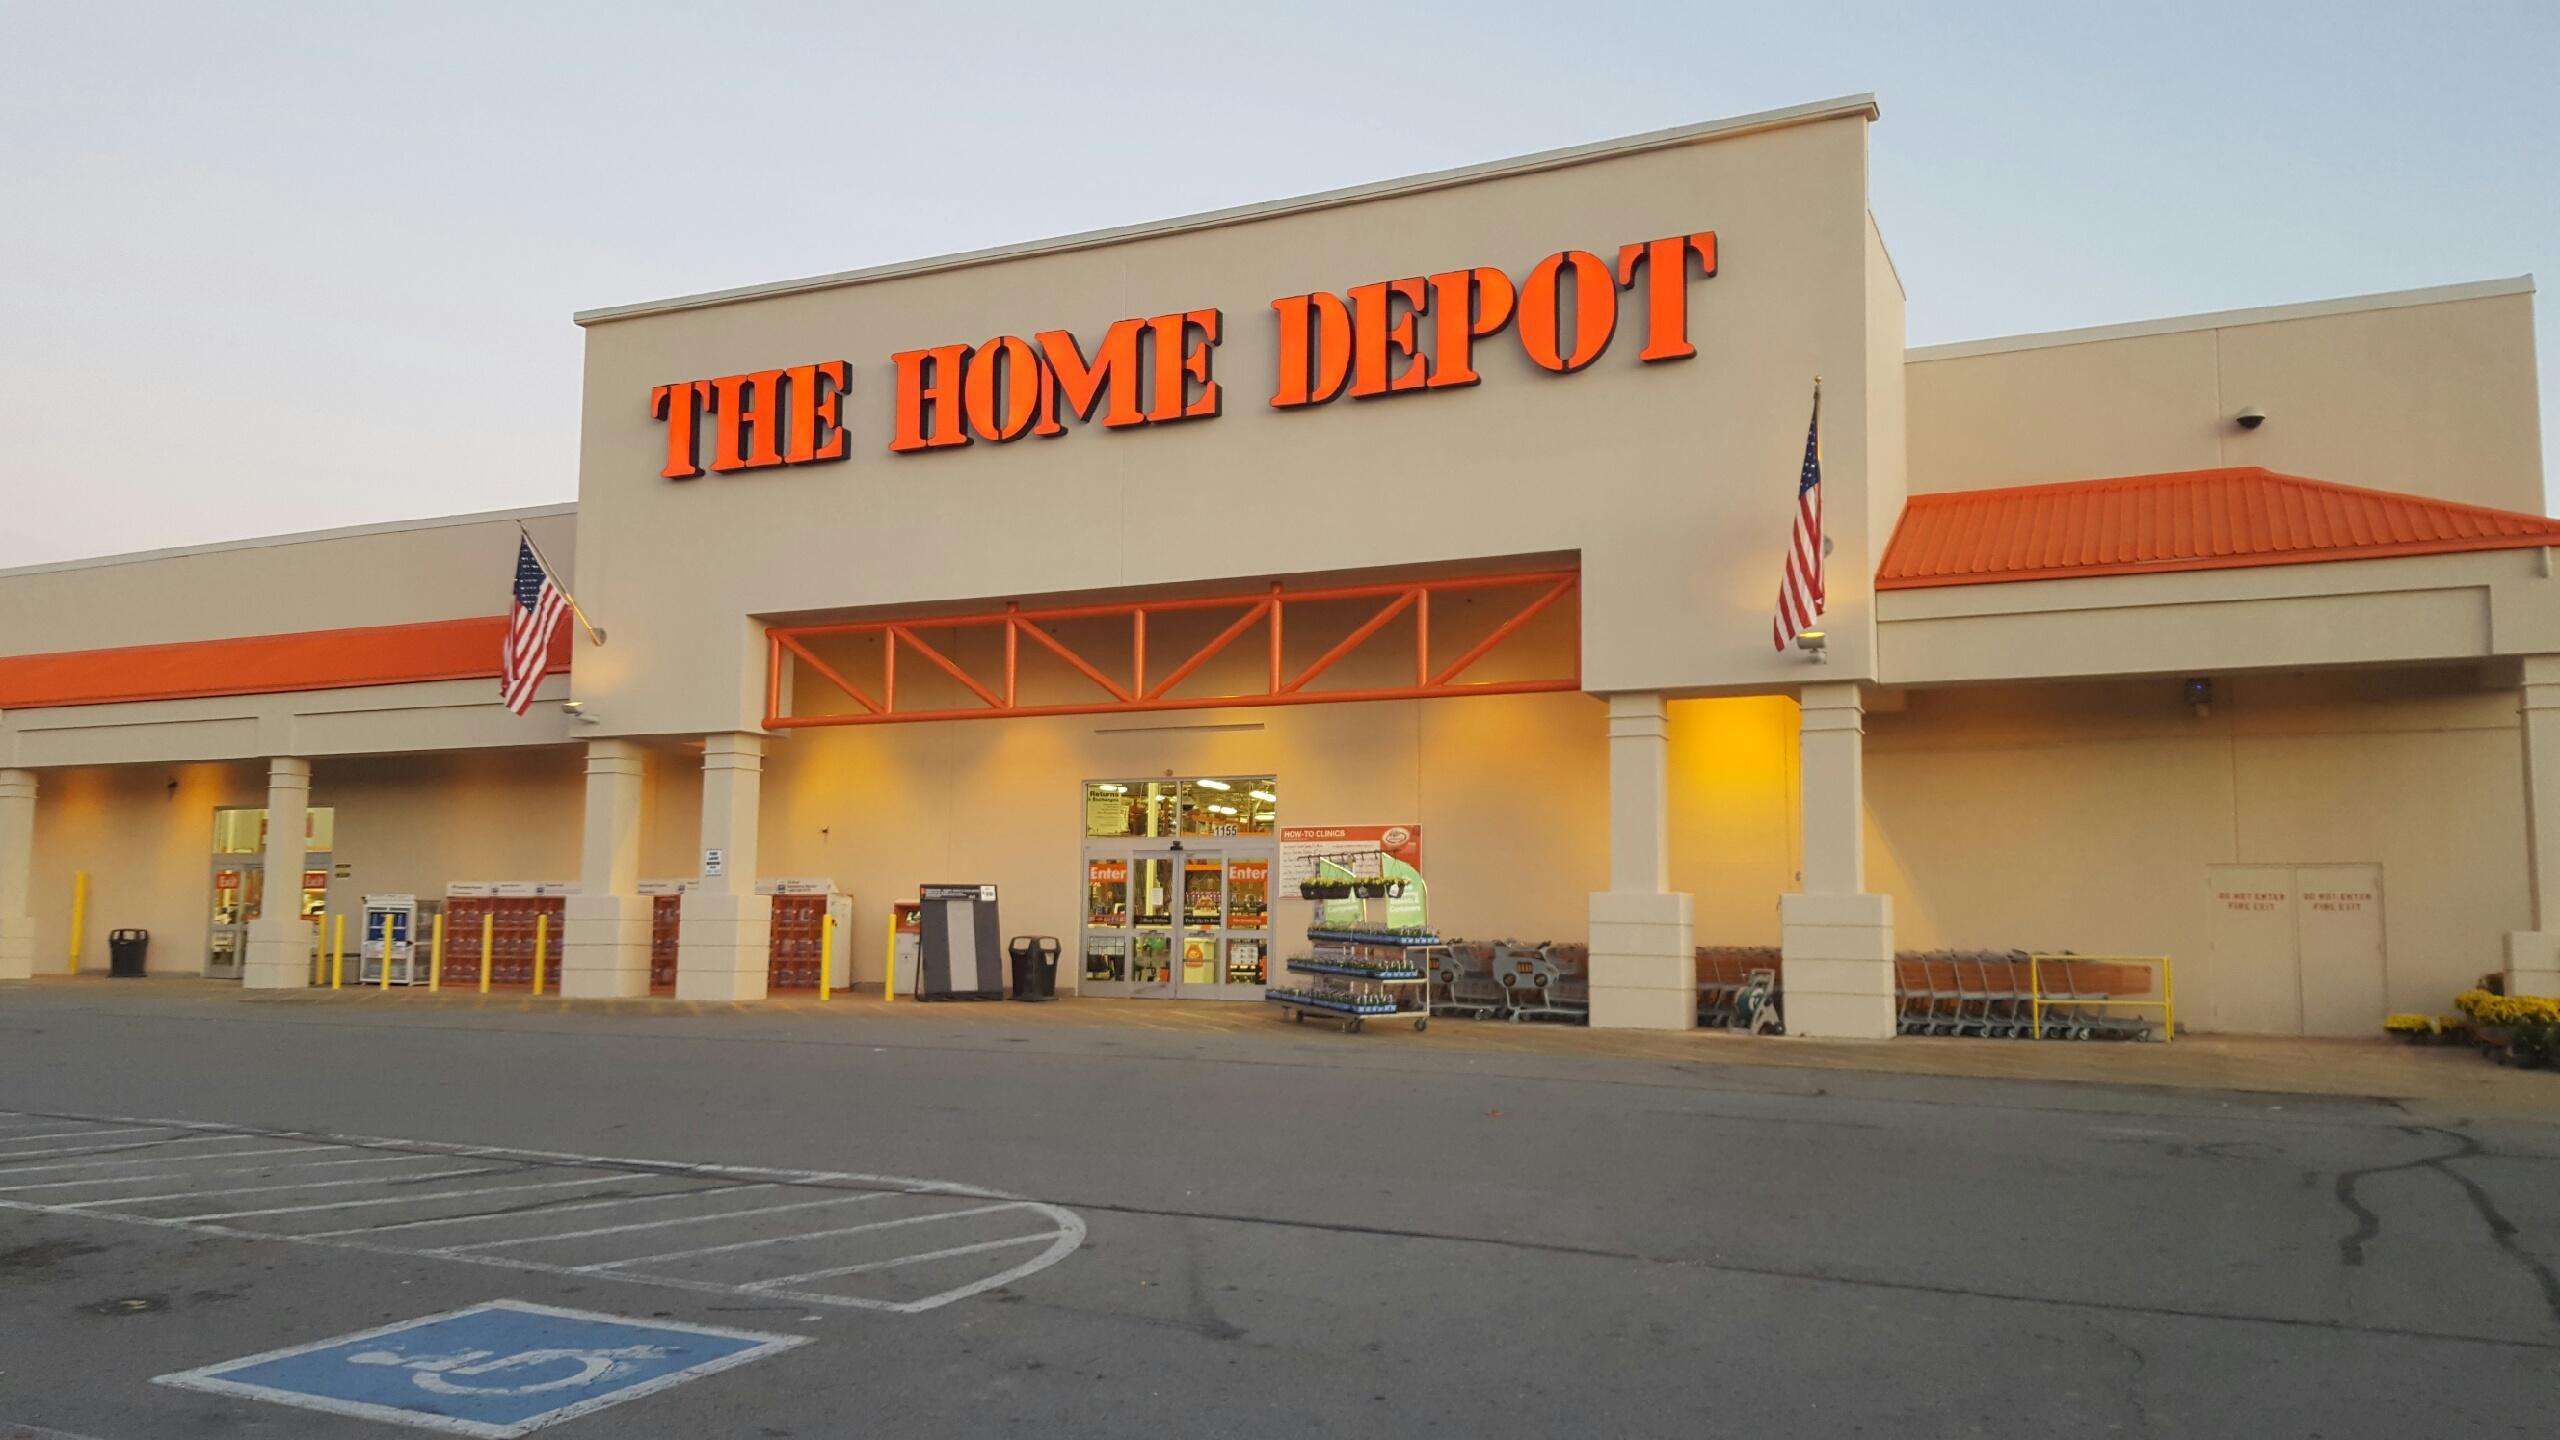 The Home Depot 1155 Bell Rd Antioch TN Home Depot MapQuest